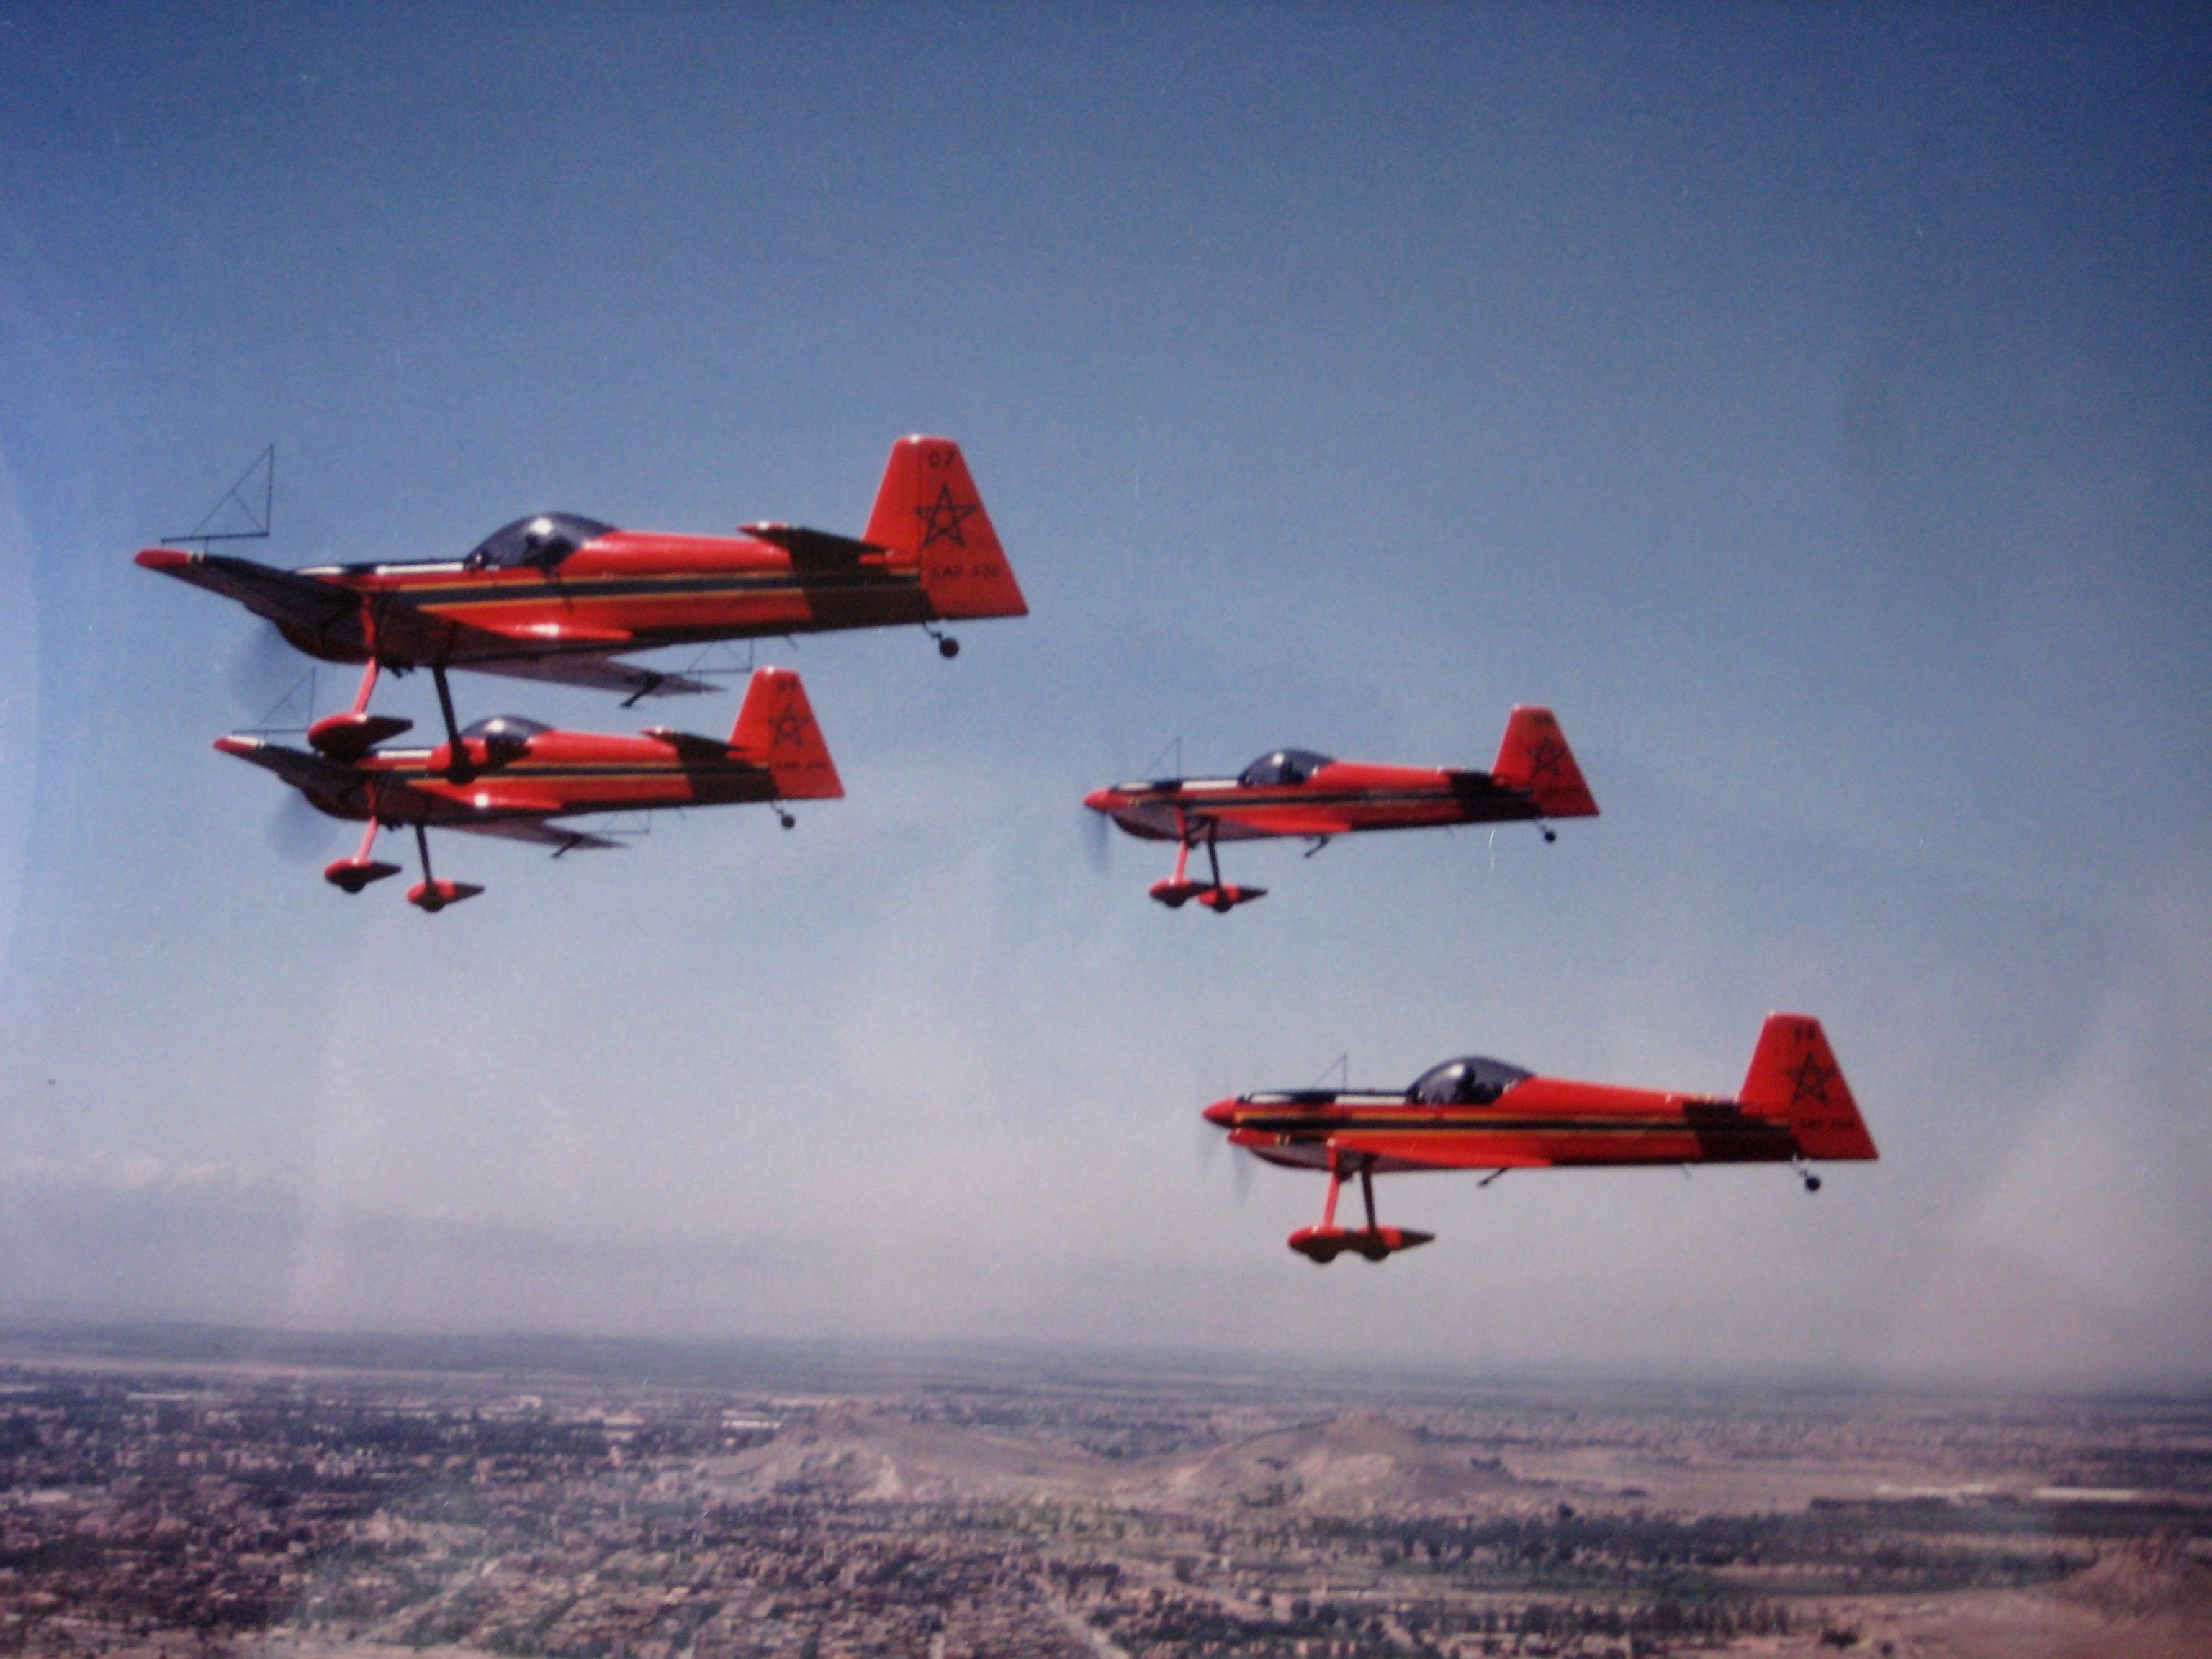 la patrouille acrobatique : la marche verte - Page 8 151005043040503497